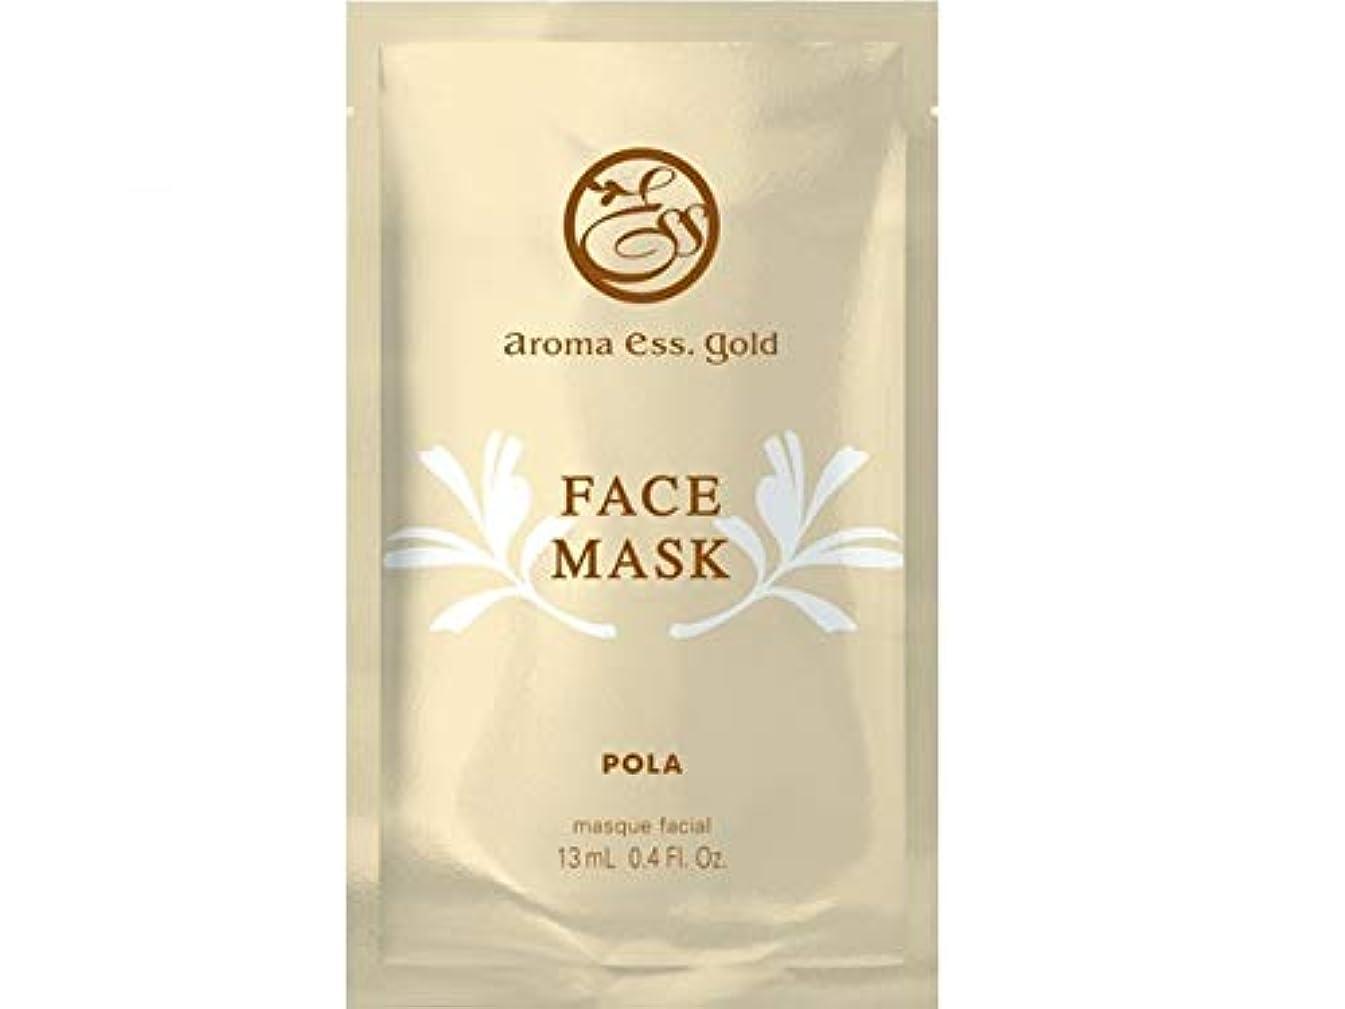 宴会エンジン非公式POLA ポーラ aromaessegold アロマエッセゴールド フェイスマスク face mask 30枚セット 追跡可能メール便